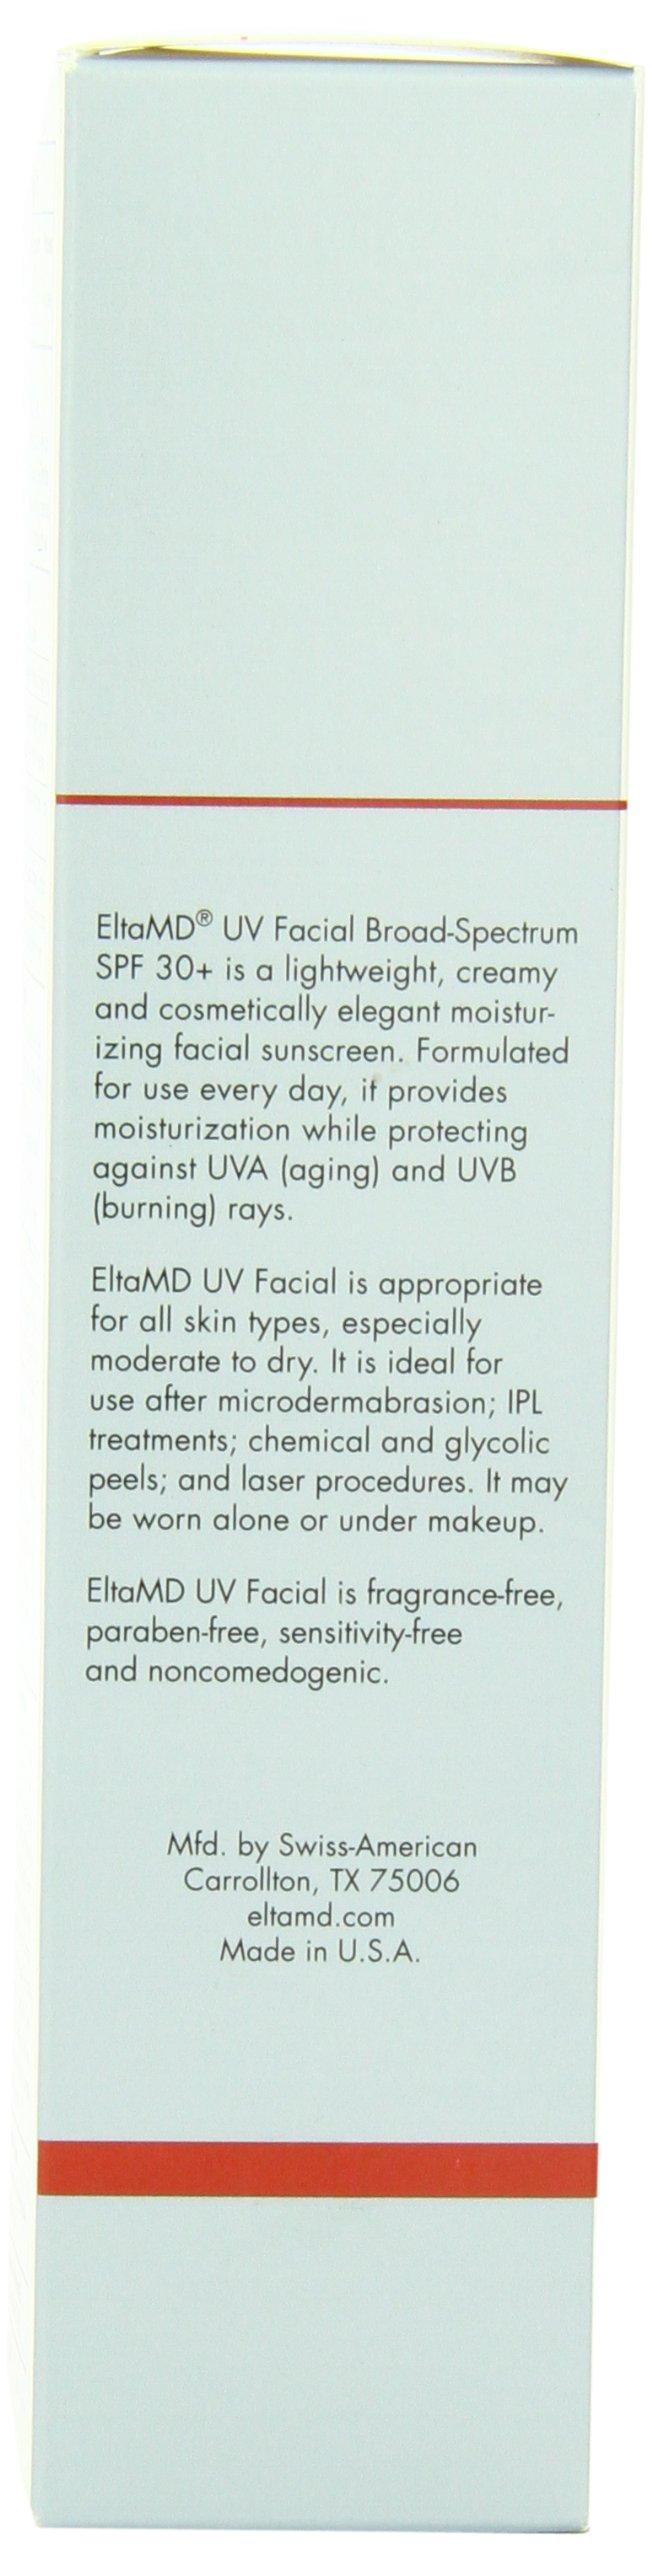 EltaMD UV Facial Sunscreen Broad-Spectrum SPF 30+, 3.0 oz by ELTA MD (Image #9)